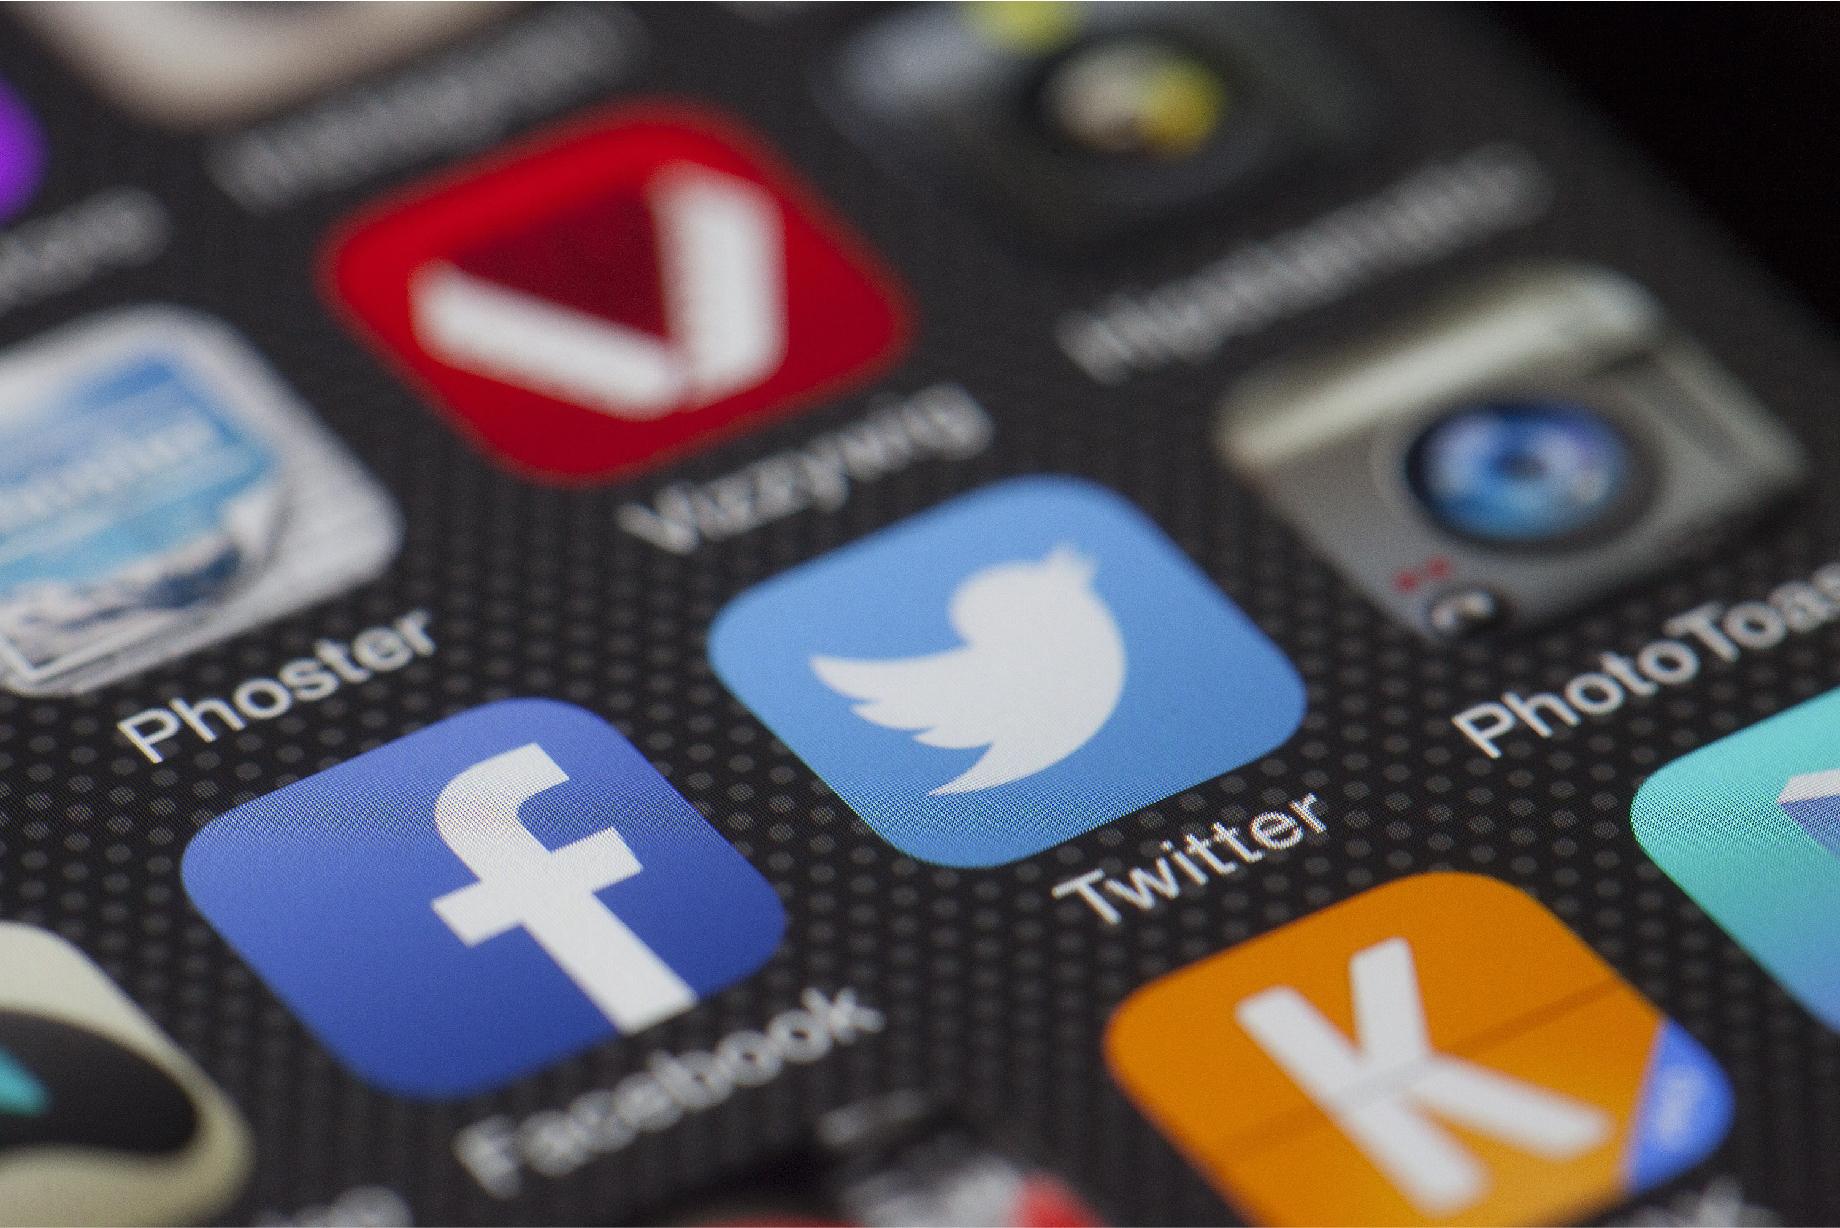 從被哀悼到重生,Twitter 用4大祕訣扭轉市場